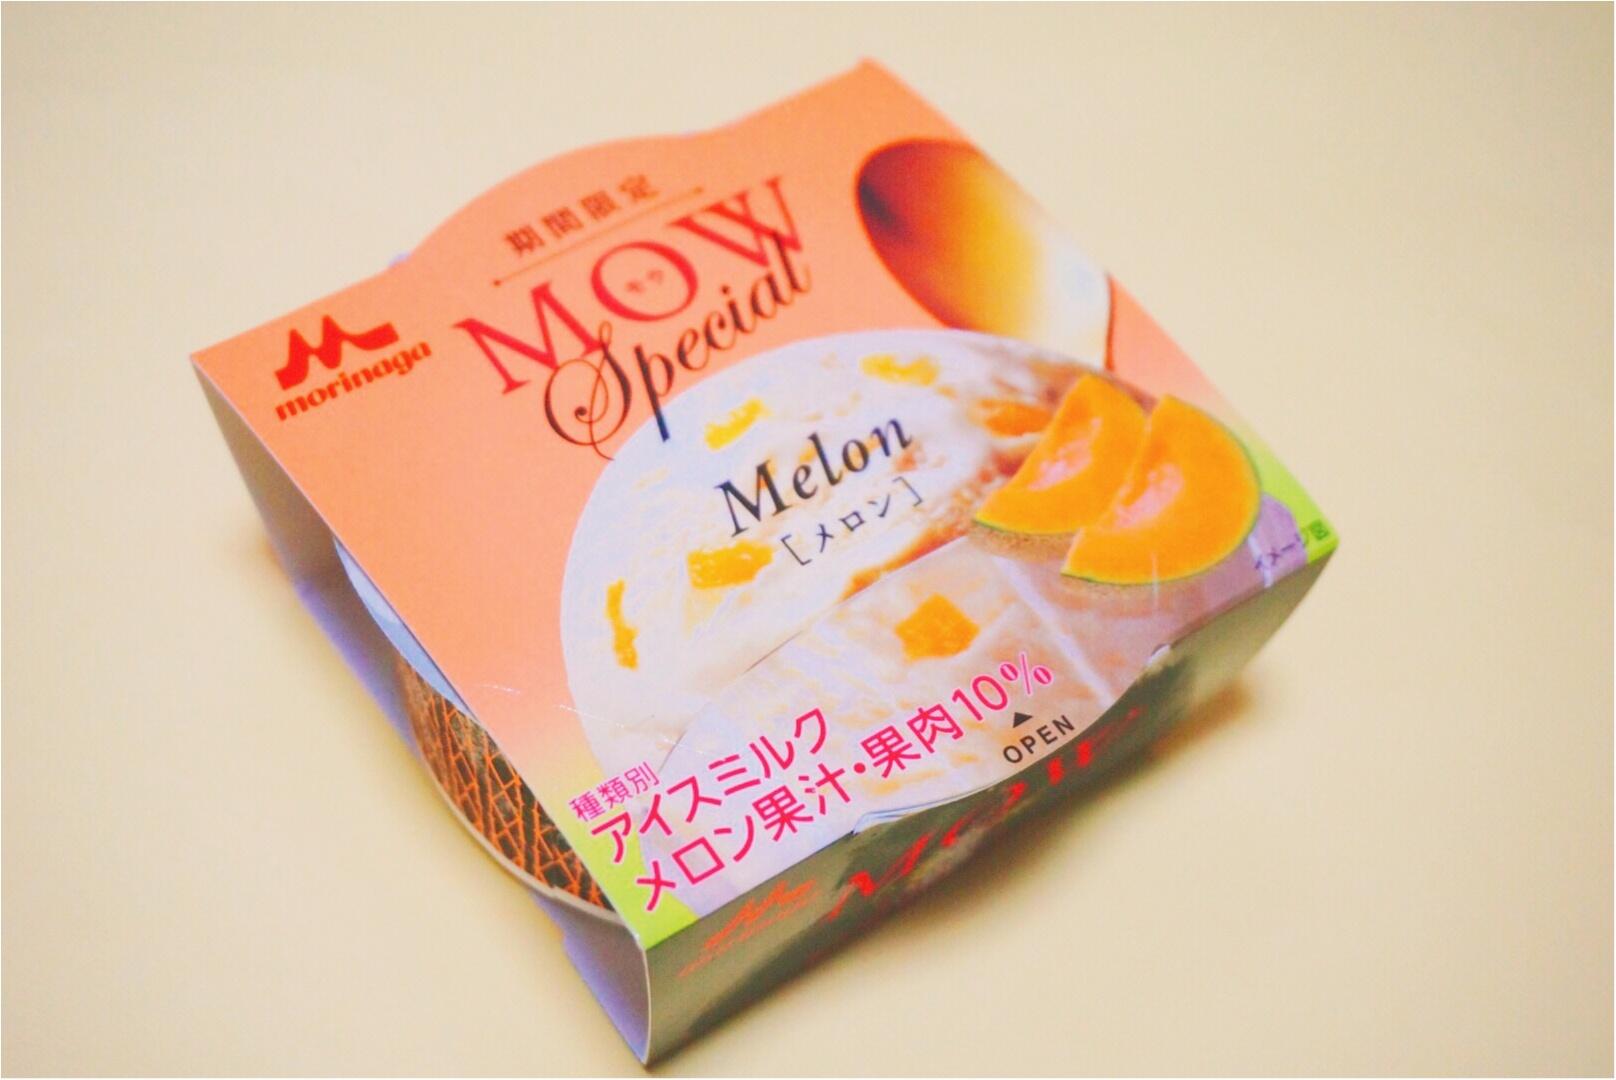 《セブン限定‼︎》今度のMOWスペシャルは『メロン』‼︎ なんとMOW史上初の〇〇入り♡_1